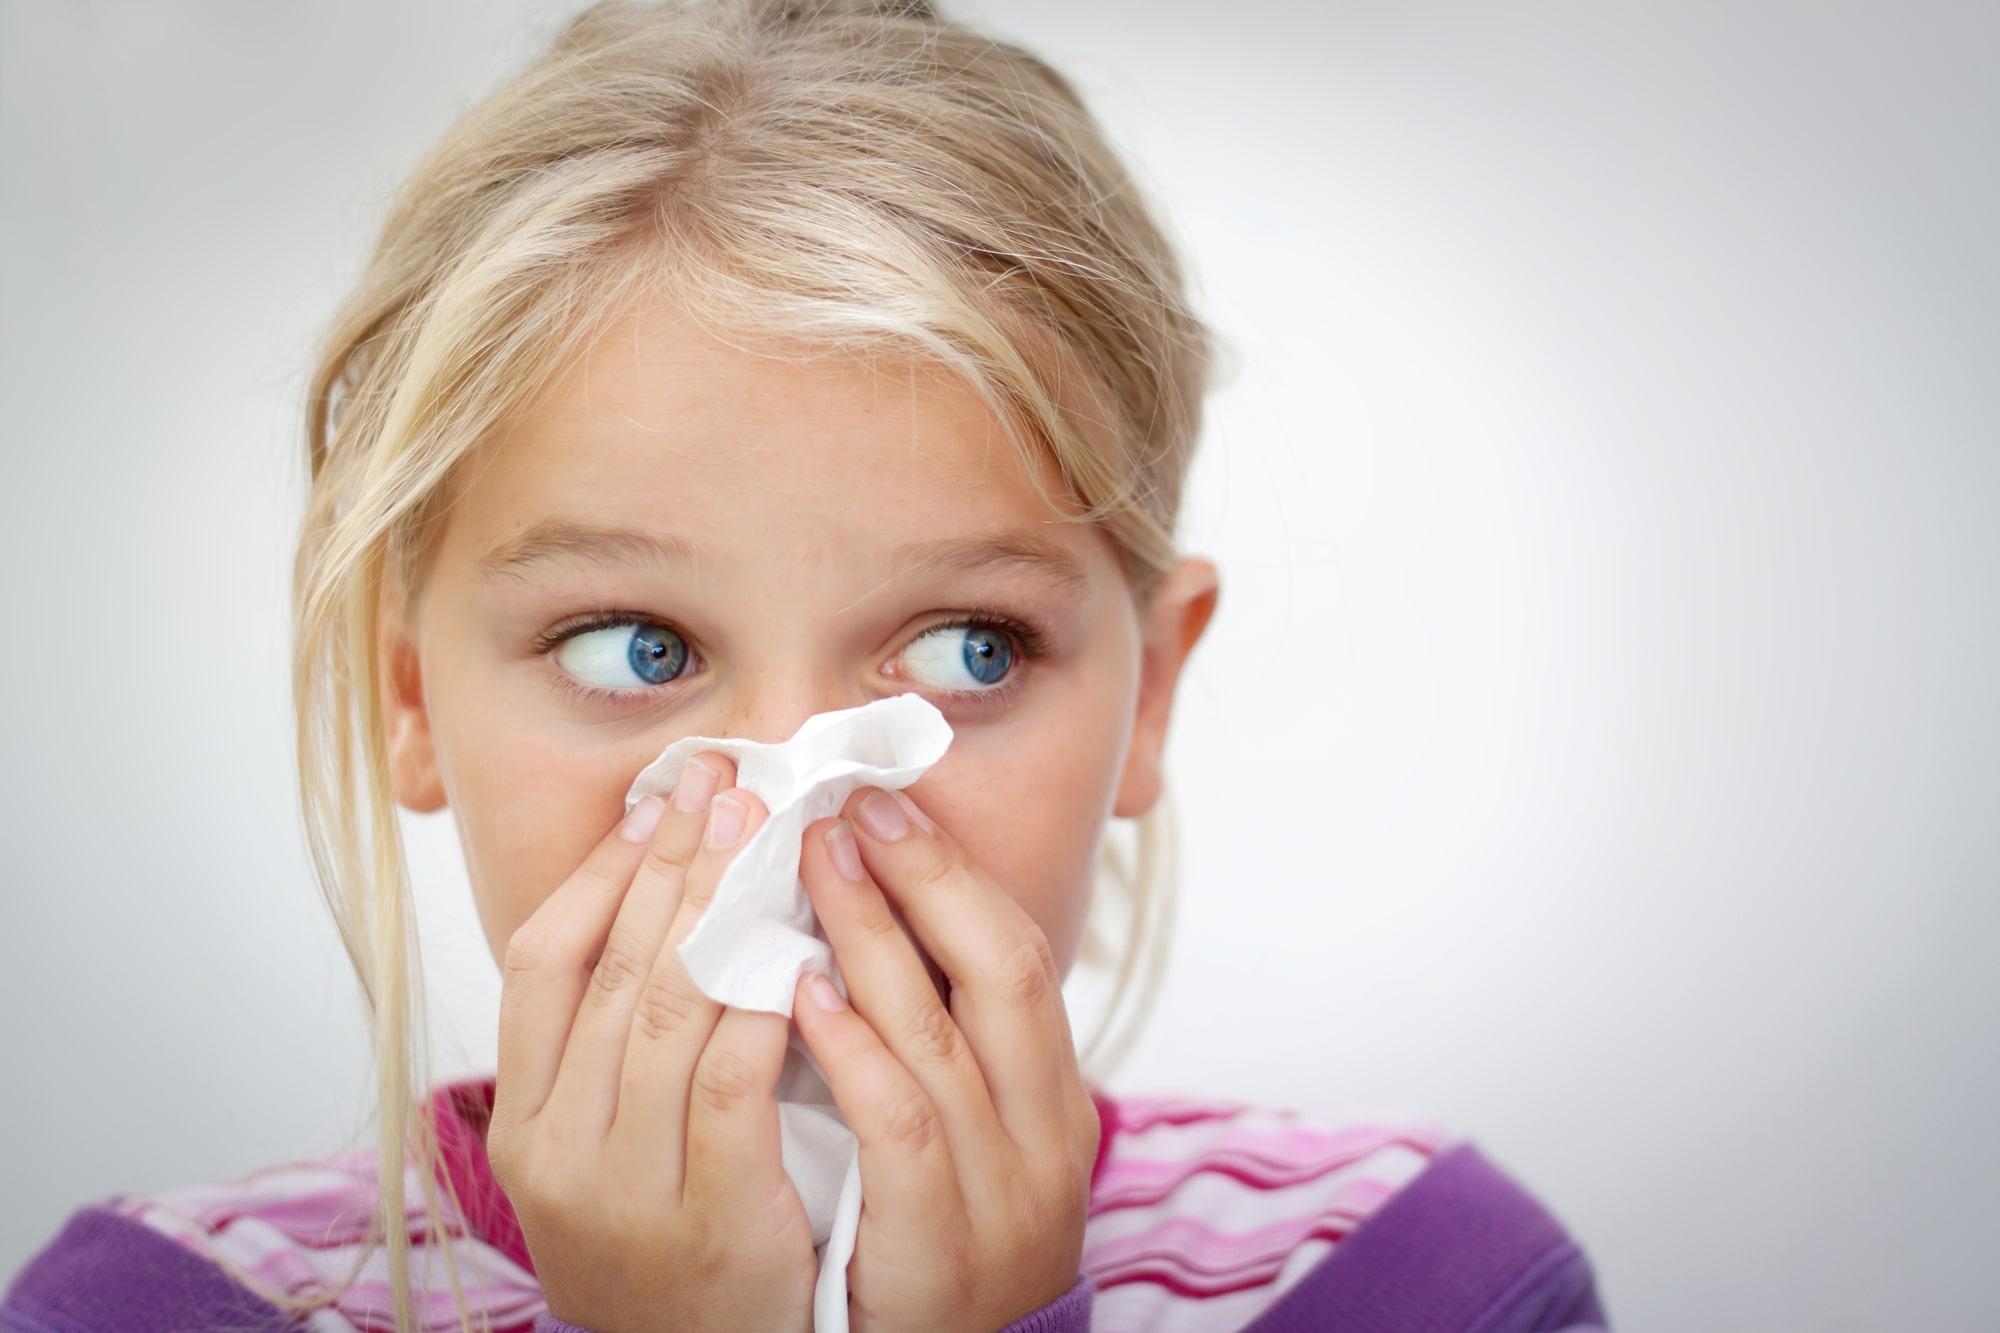 Οι 5 «ένοχοι» για τη ρινορραγία στα παιδιά